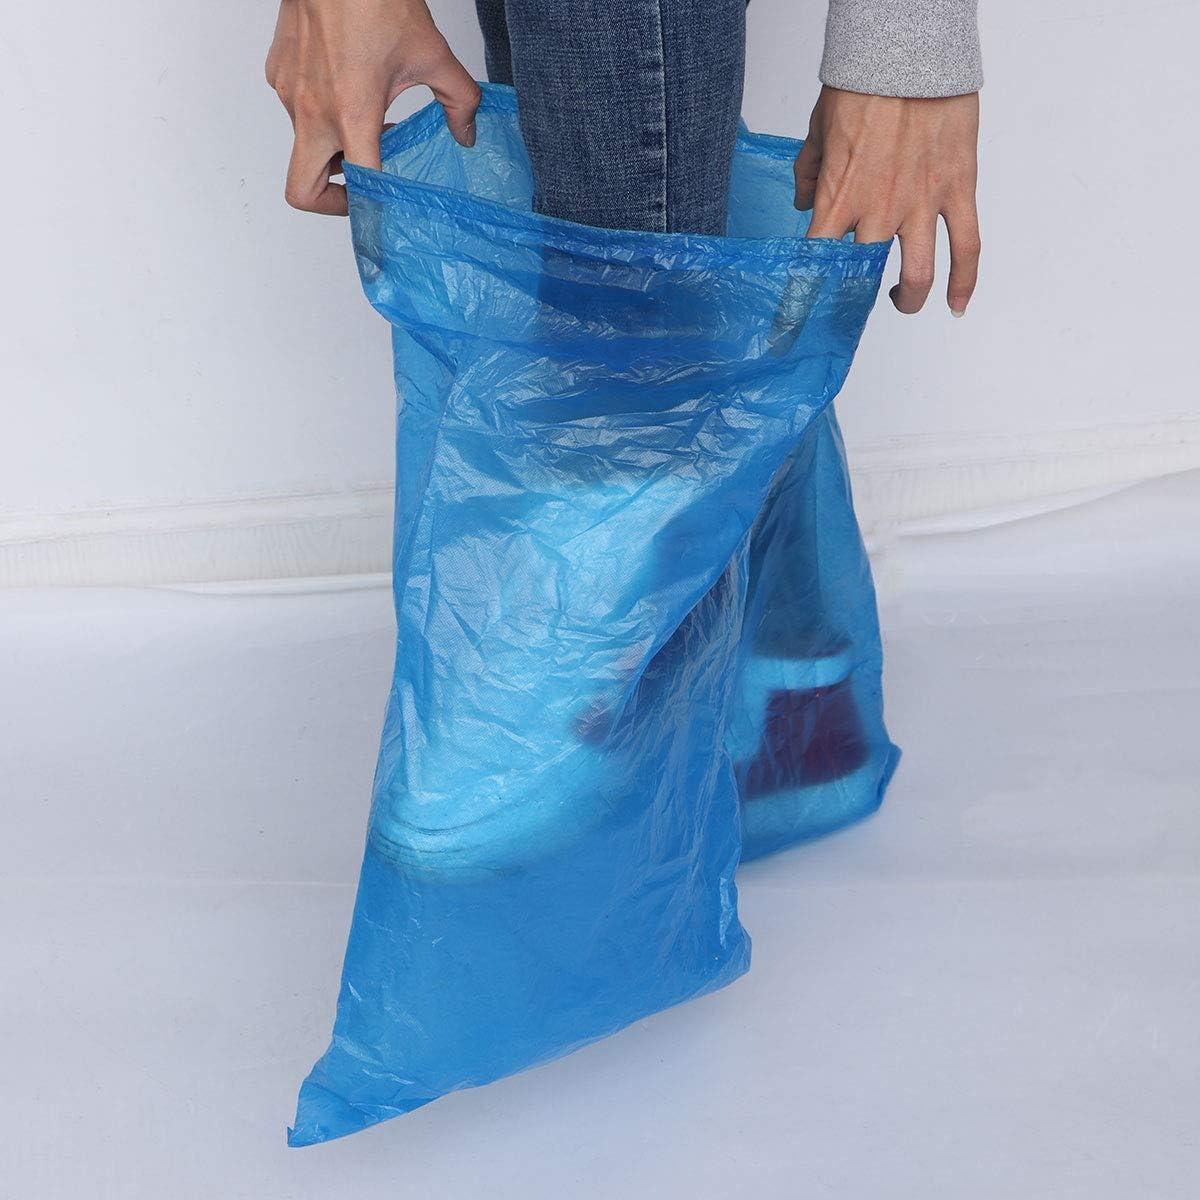 Artibetter 5 Paar Einweg-Schuhabdeckung Regenschuhe und Stiefelabdeckung Kunststoff lange Schuhabdeckung wasserdichte Anti-Rutsch-/Überschuhe f/ür Frauen M/änner regnerischen Tag verwenden Abdeckung